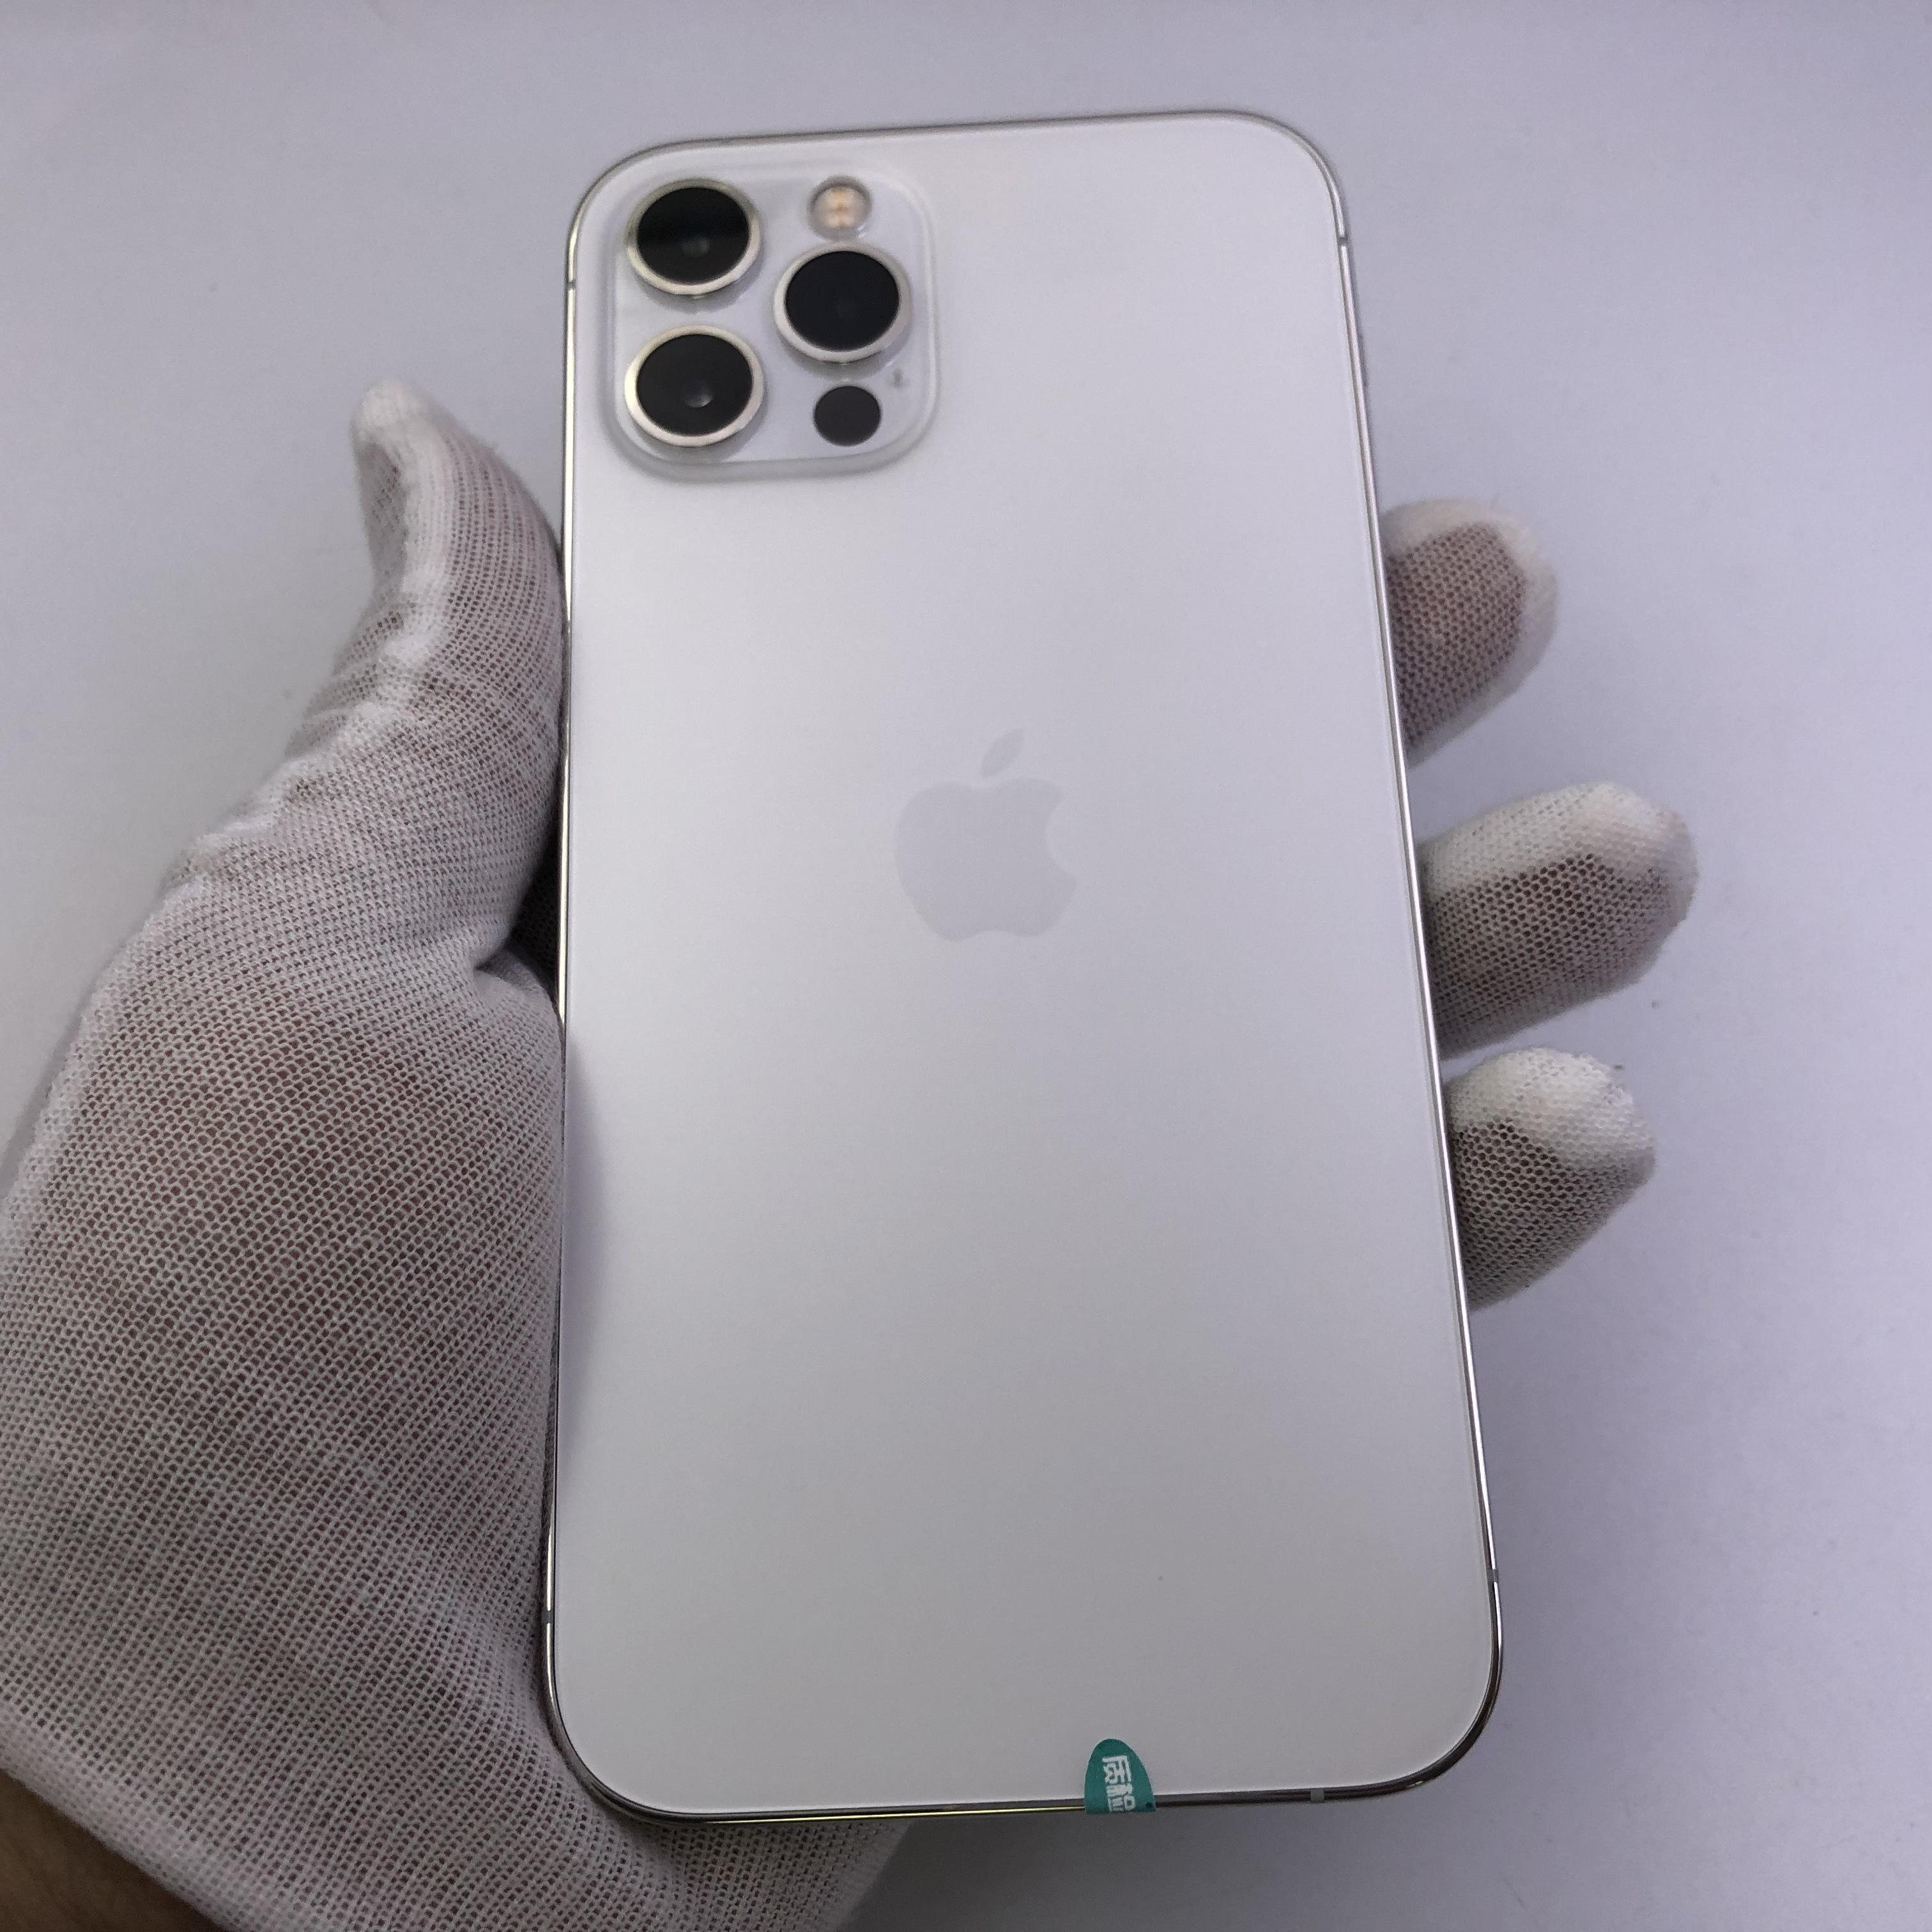 苹果【iPhone 12 Pro】5G全网通 银色 512G 国行 95新